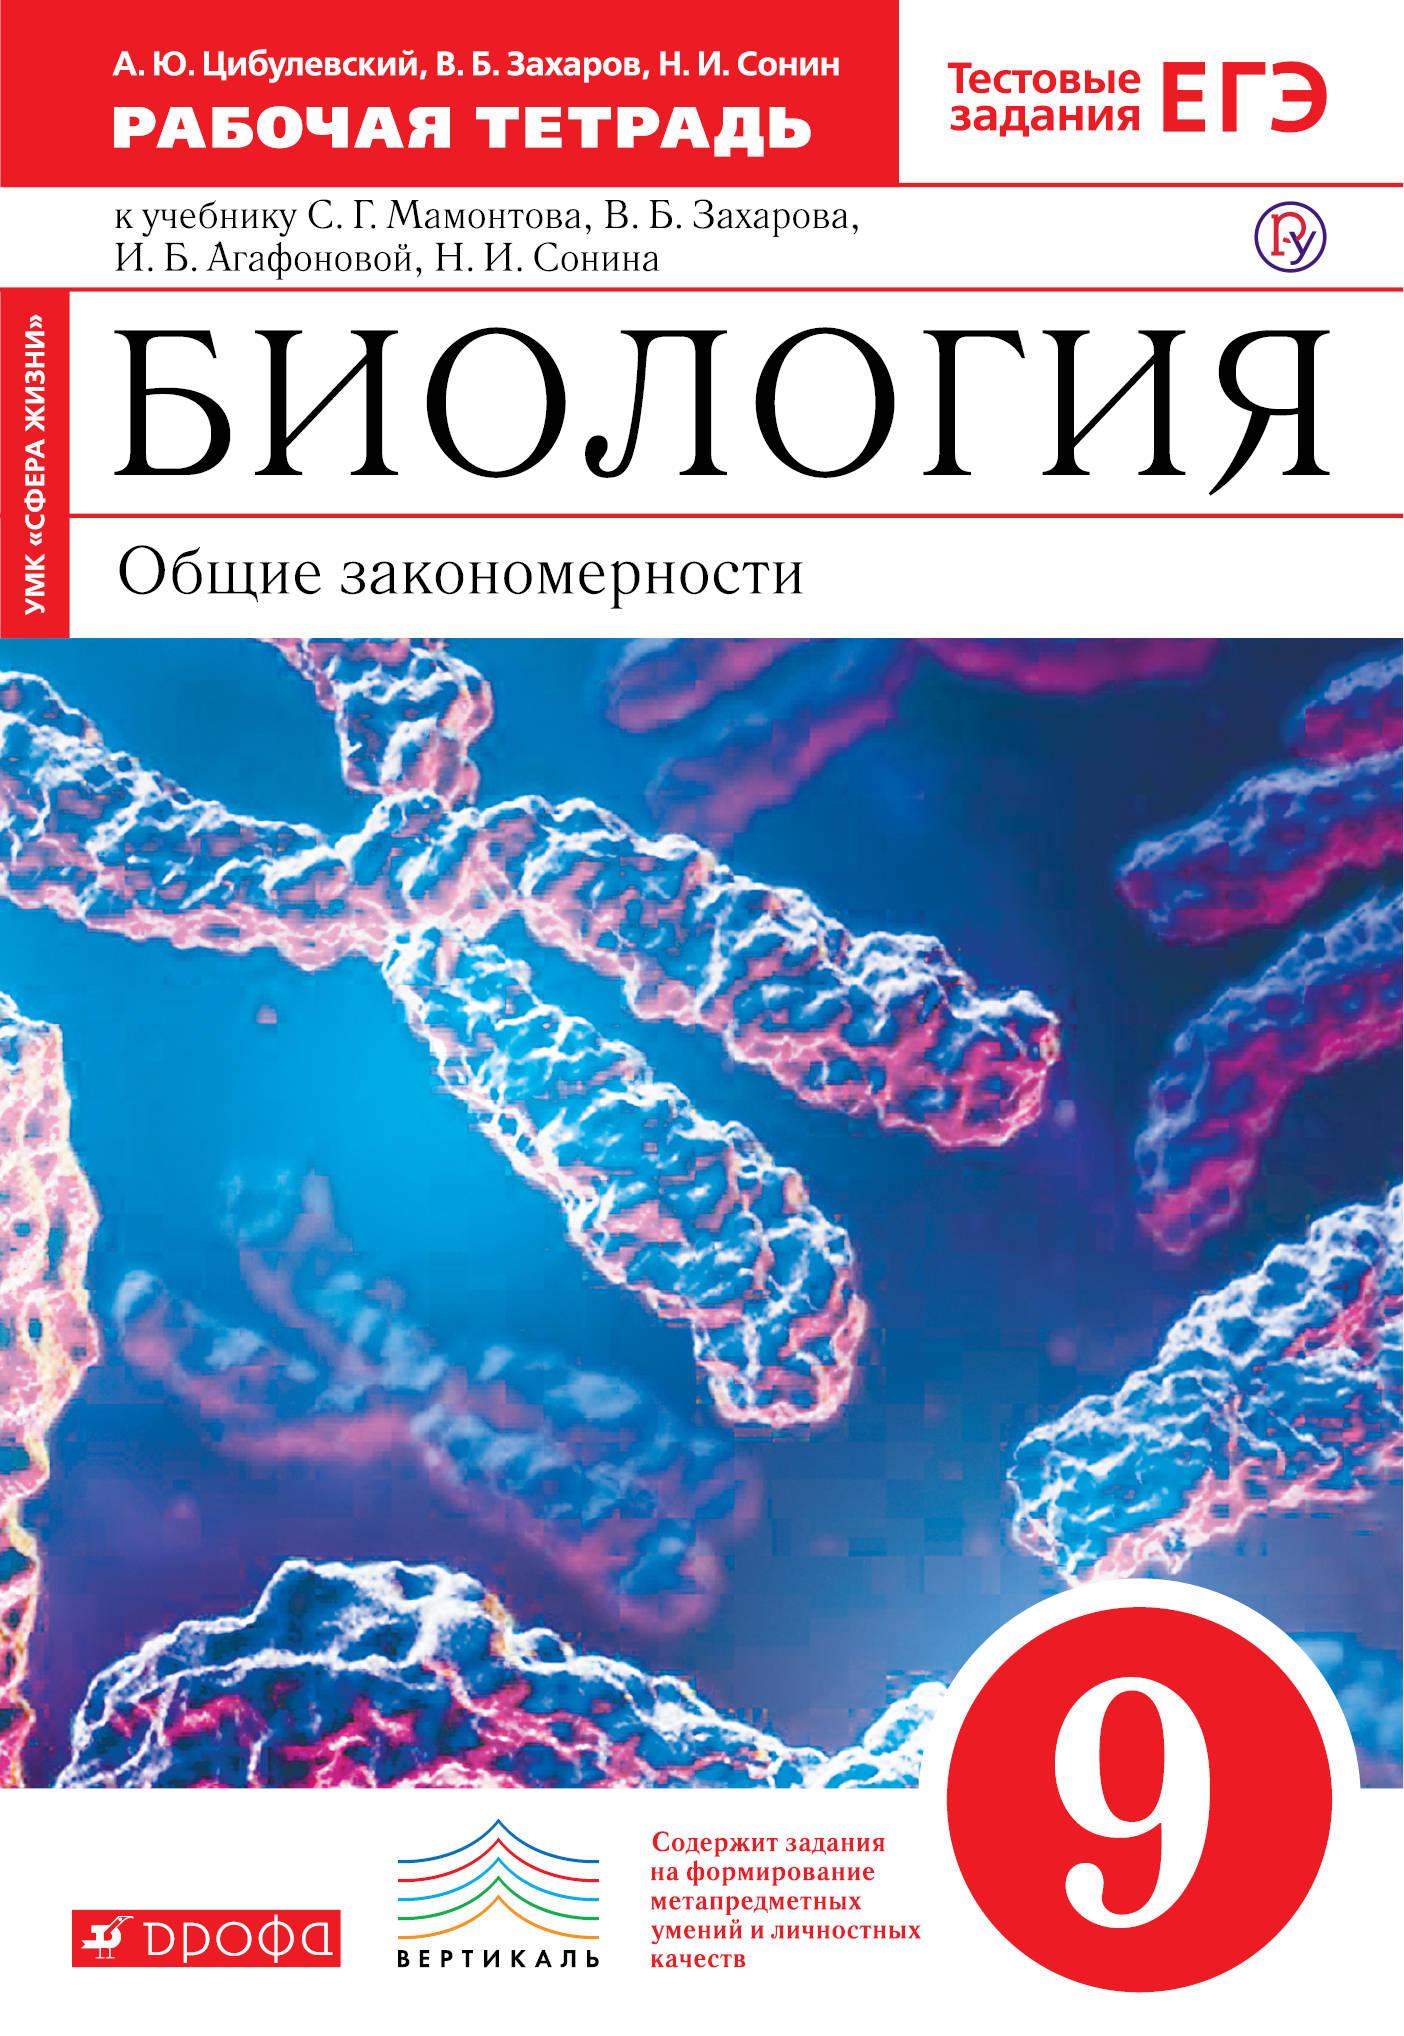 Гдз к рабочей тетради по биологии н.и.сонин, 9класс